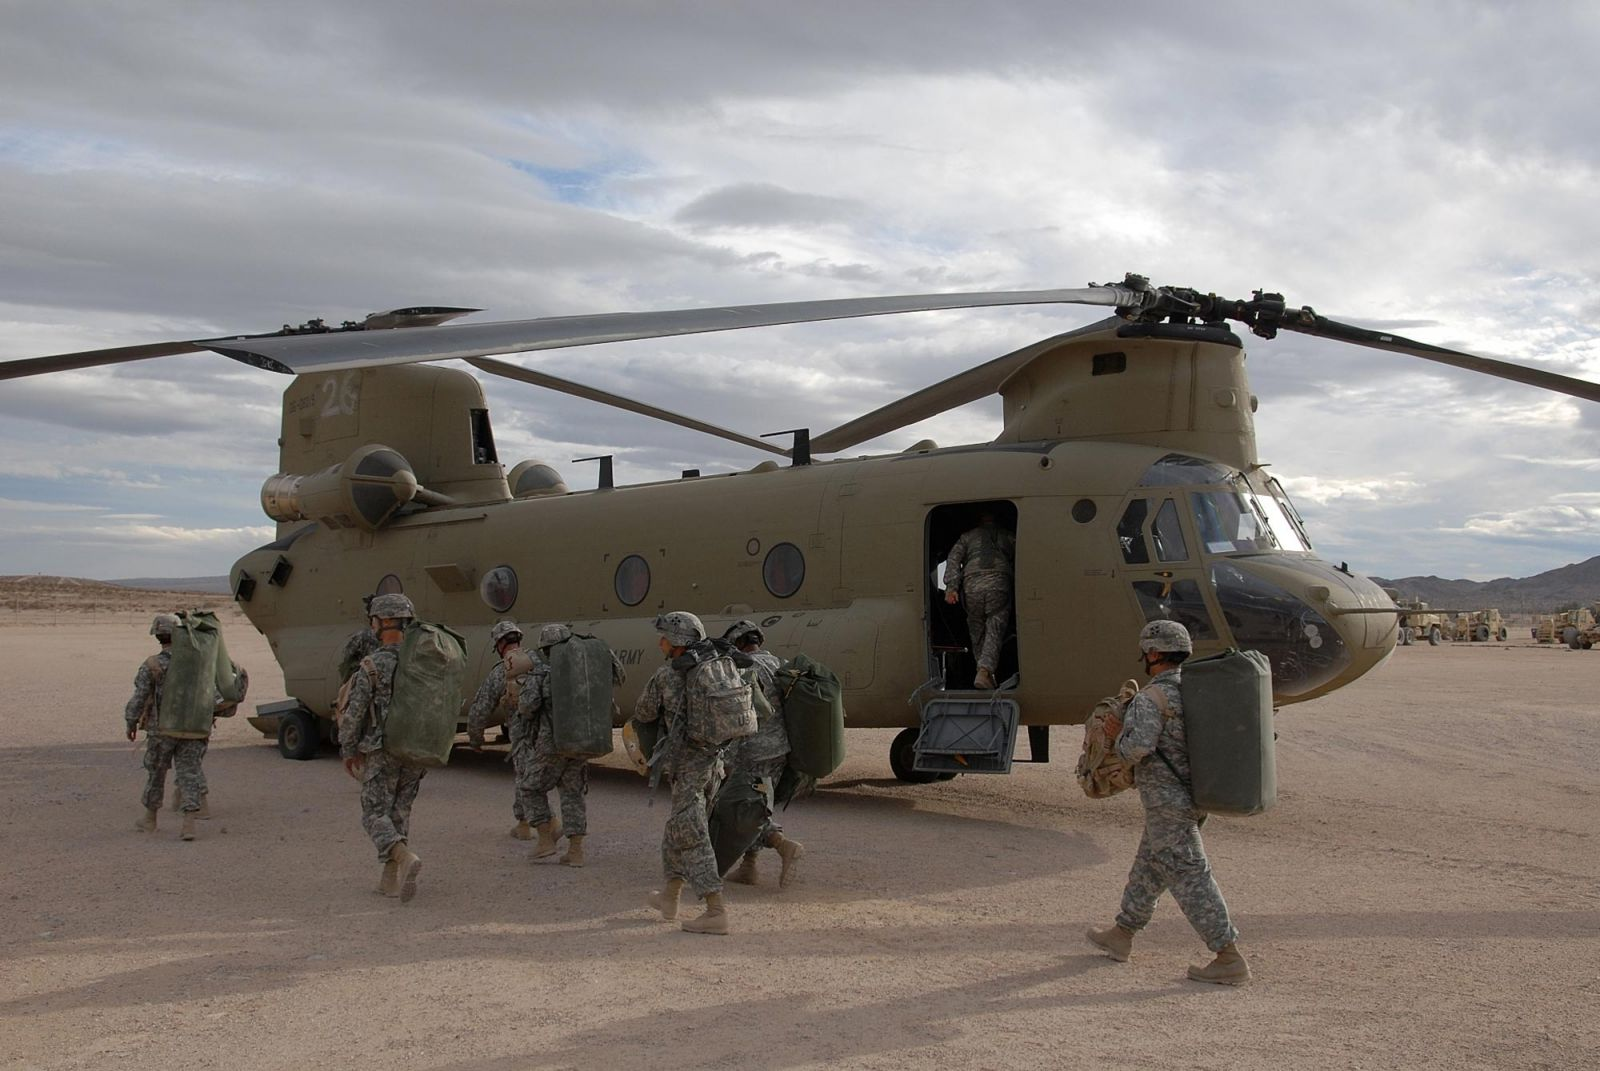 Операция «Красные крылья» - фиаско «морских котиков» в Афганистане